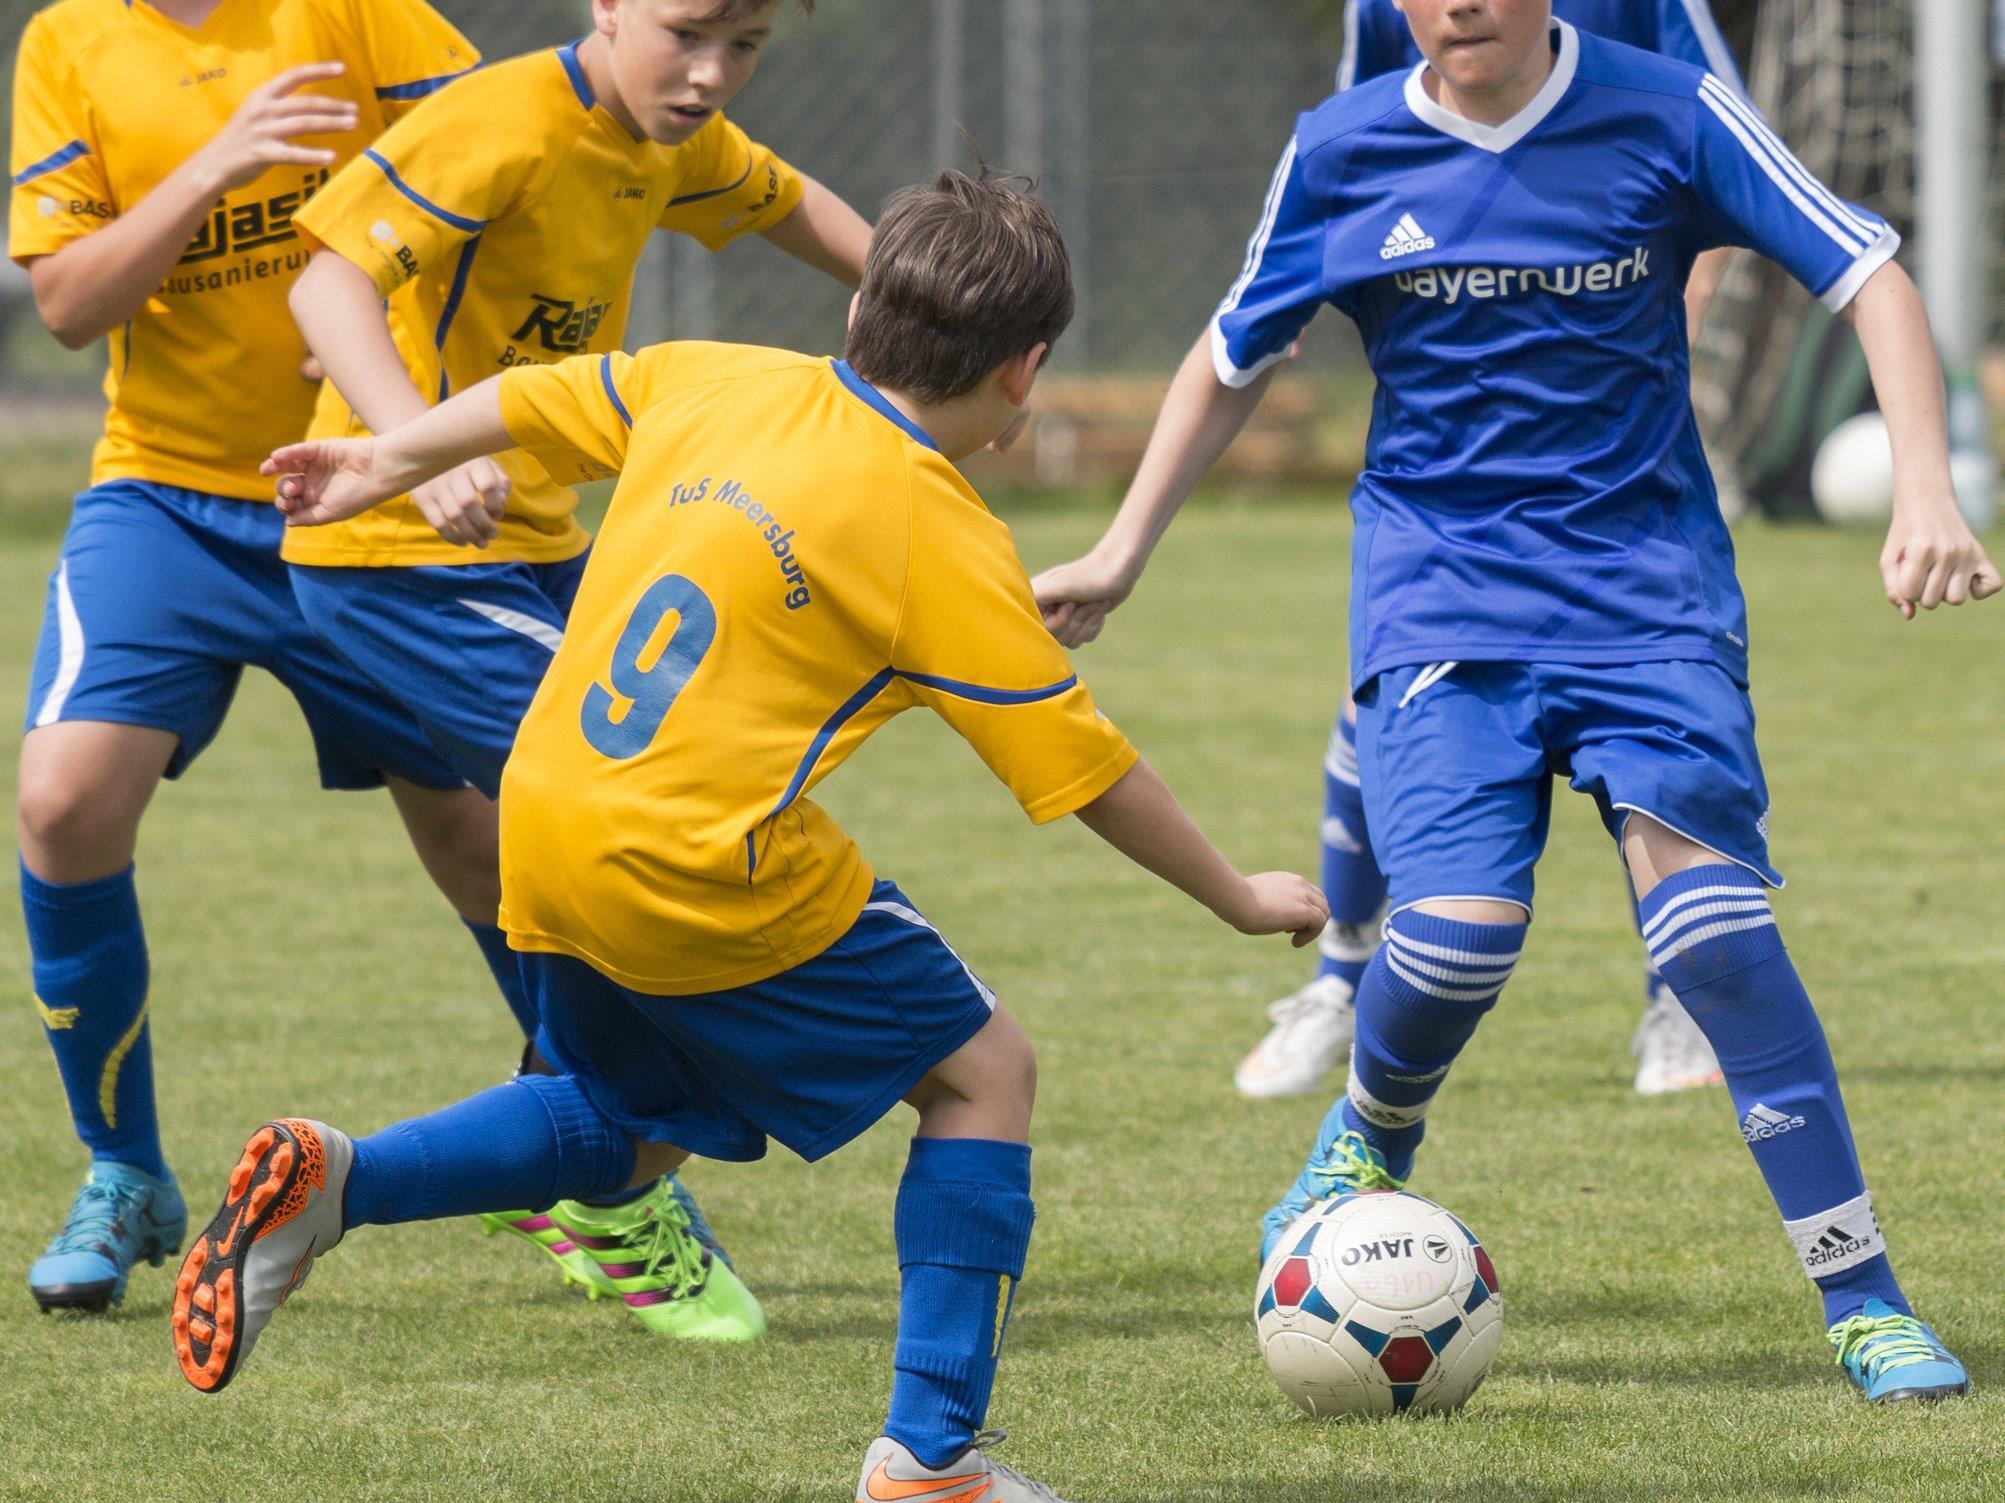 Fußballbegeisterte können sich nur zu Lothar Strehlau's 1. Karlsruher Fussballschule anmelden.